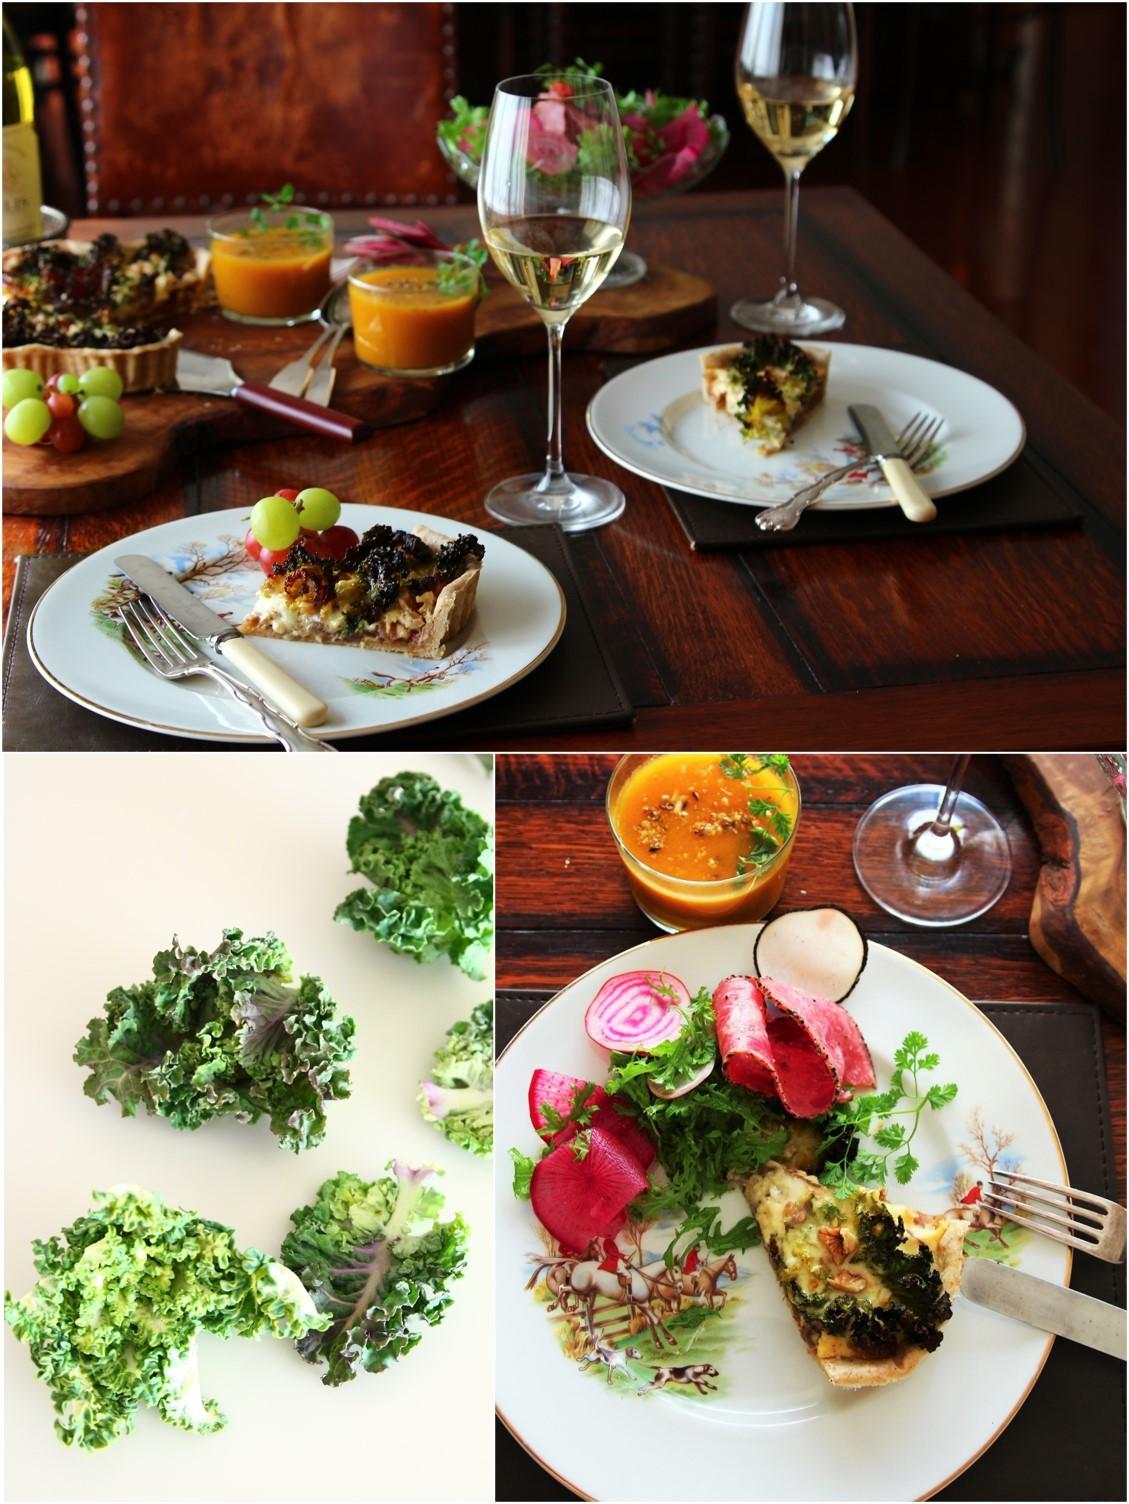 お野菜料理_a0107981_13184272.jpg